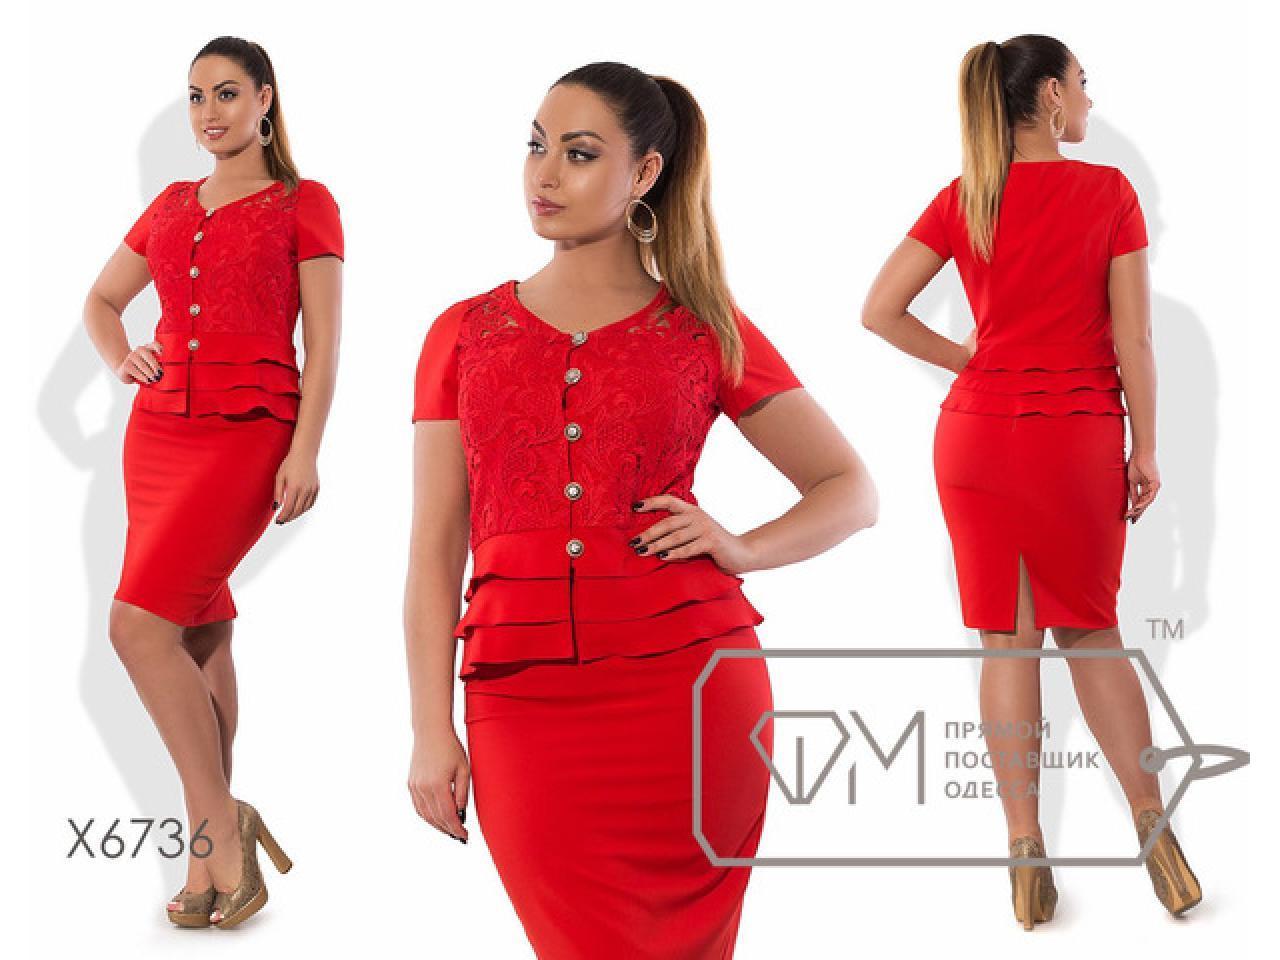 Стильная женская одежда с доставкой по Европе - 1